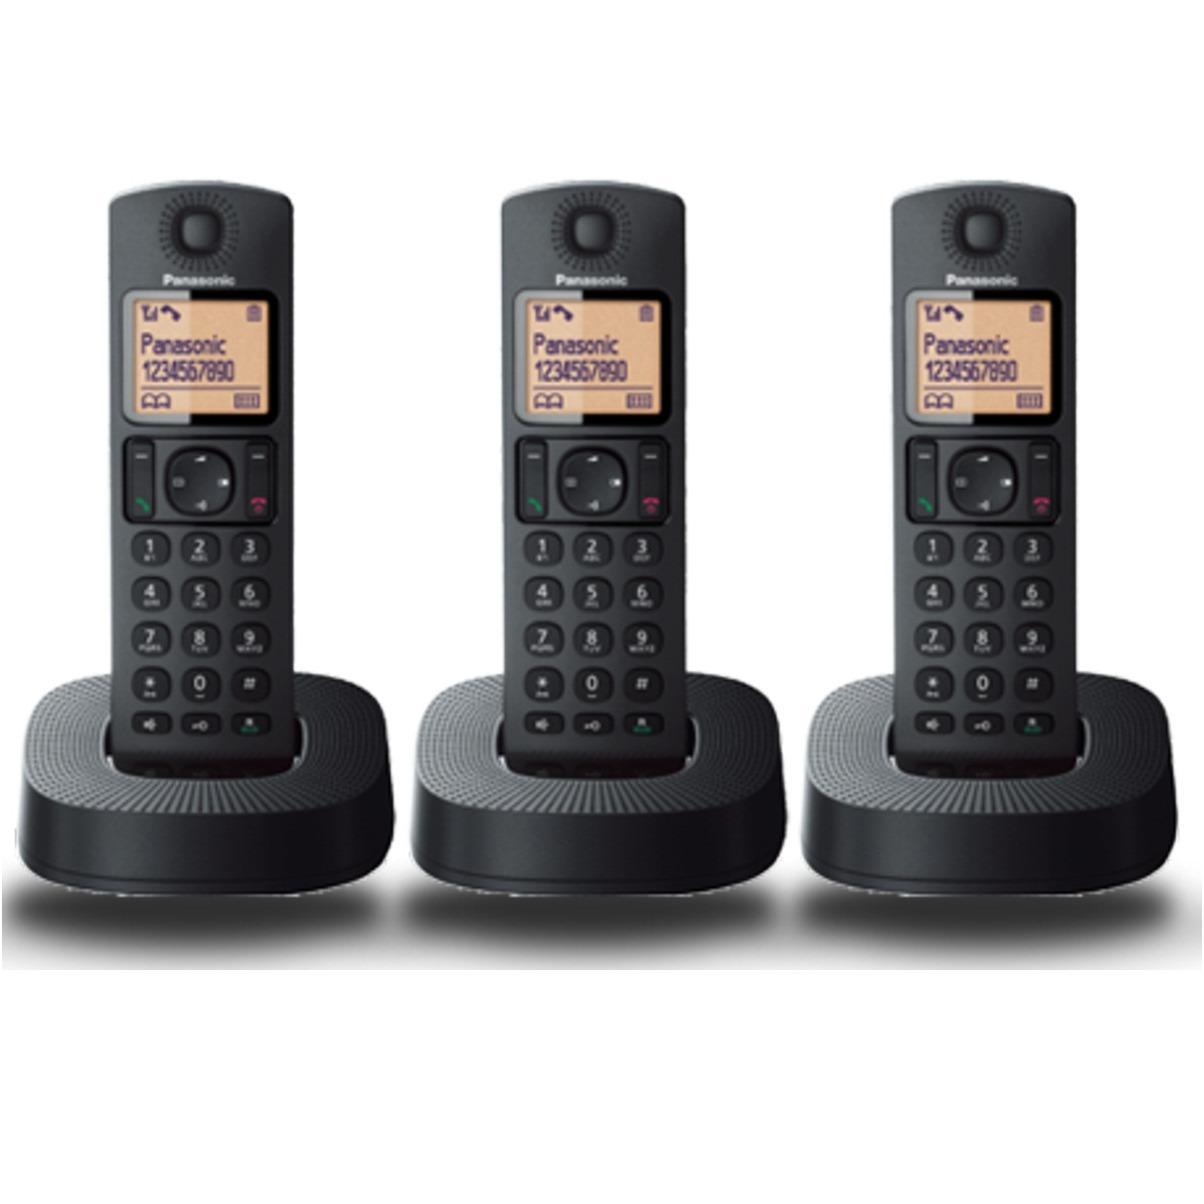 Hình ảnh Điện thoại kéo dài Panasonic KX-TGC313